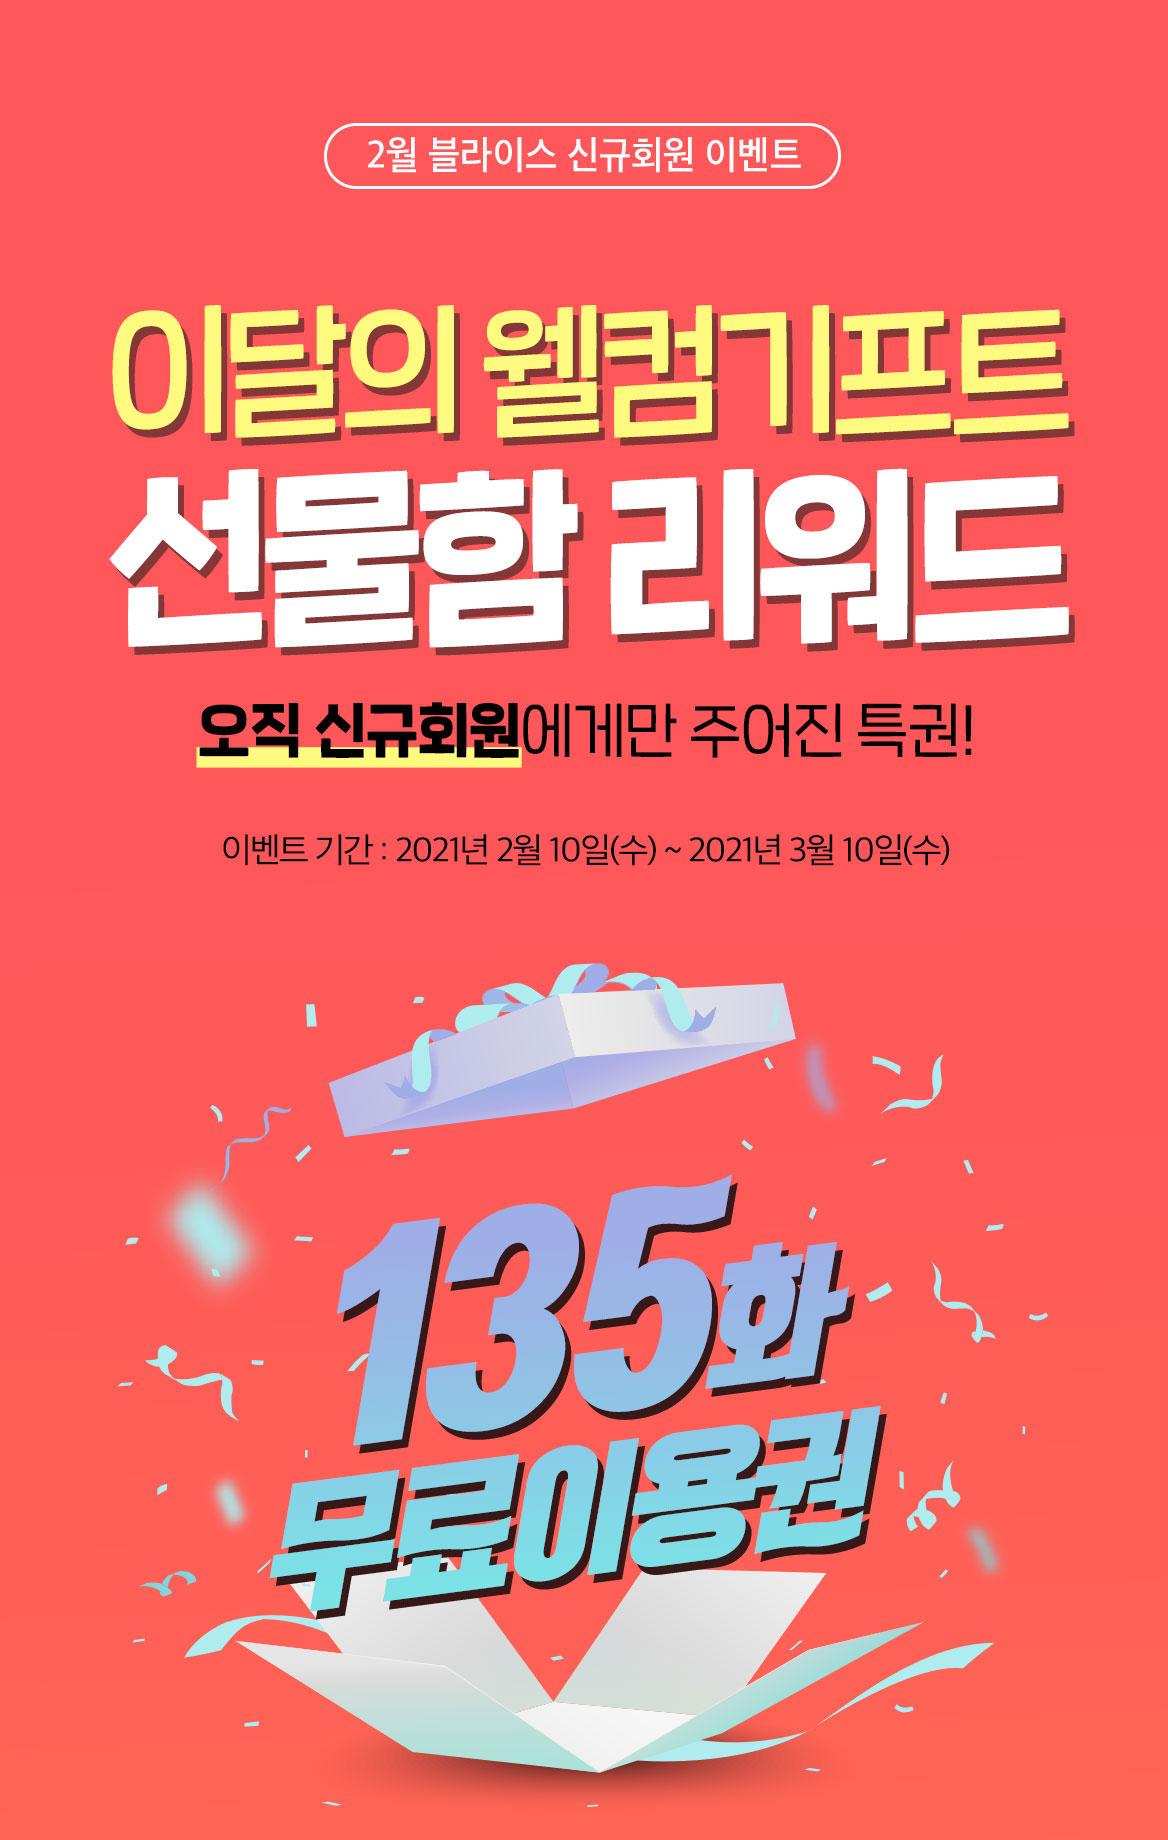 2월 로맨스 웰컴기프트 선물함 이벤트_1이미지